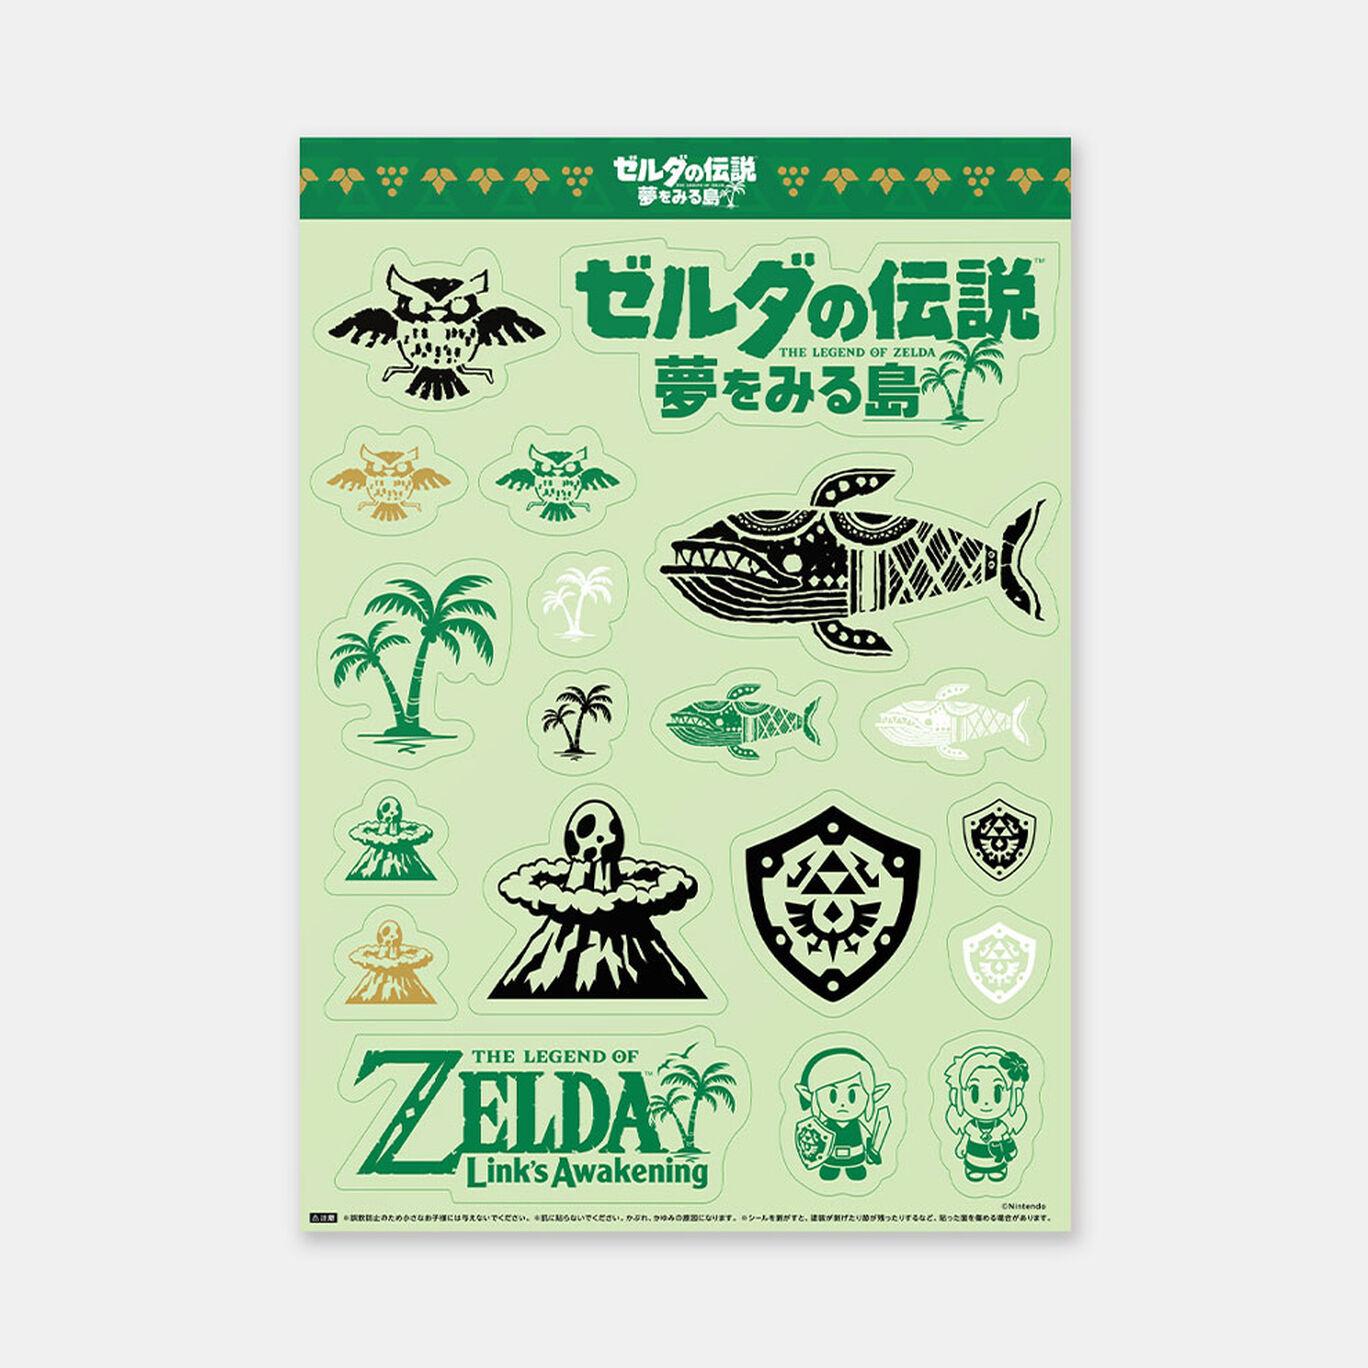 ゼルダの伝説 夢をみる島 ステッカー(3種)